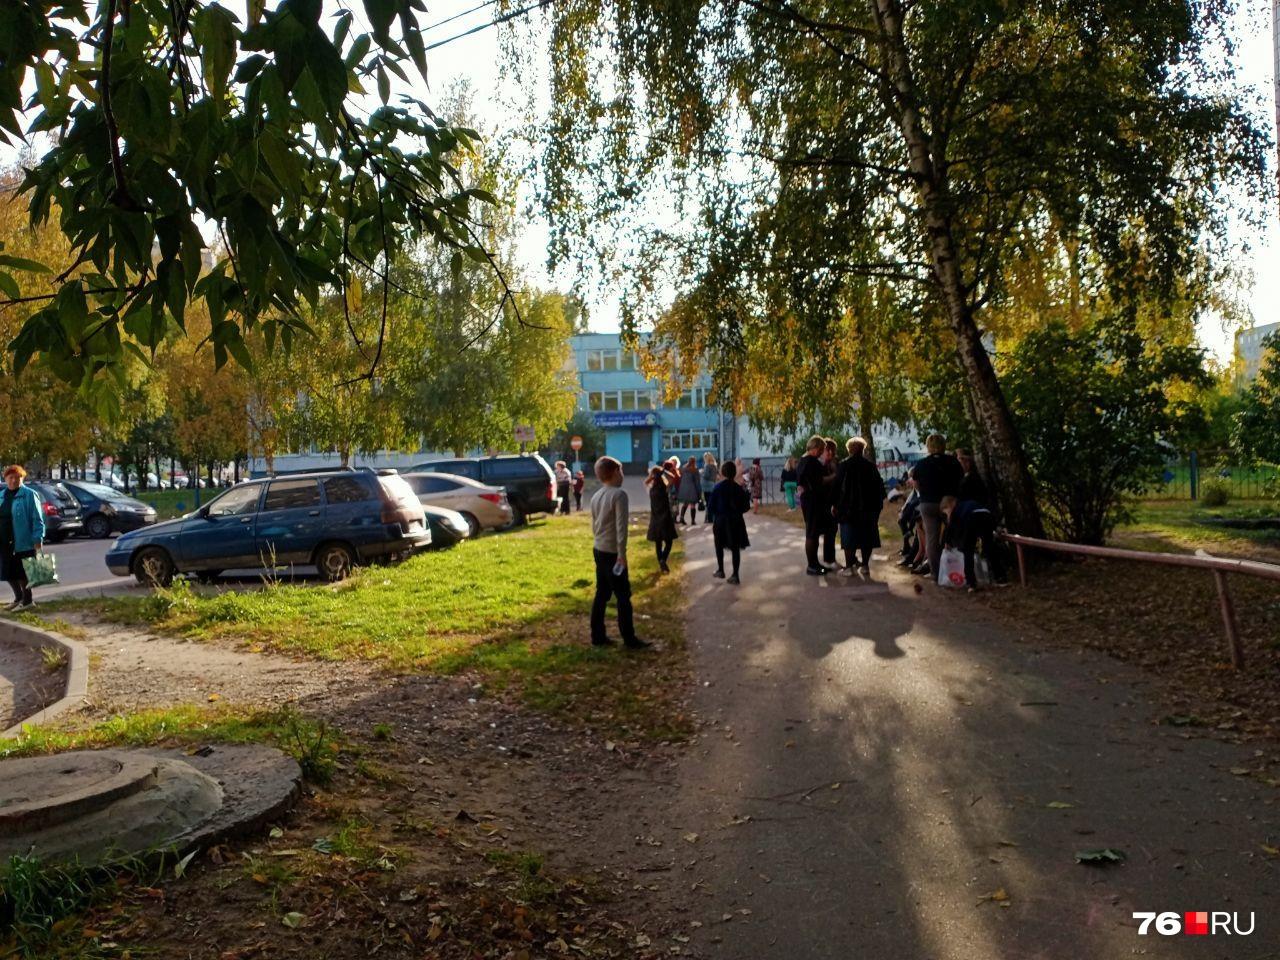 Дети и учителя гуляют около школы